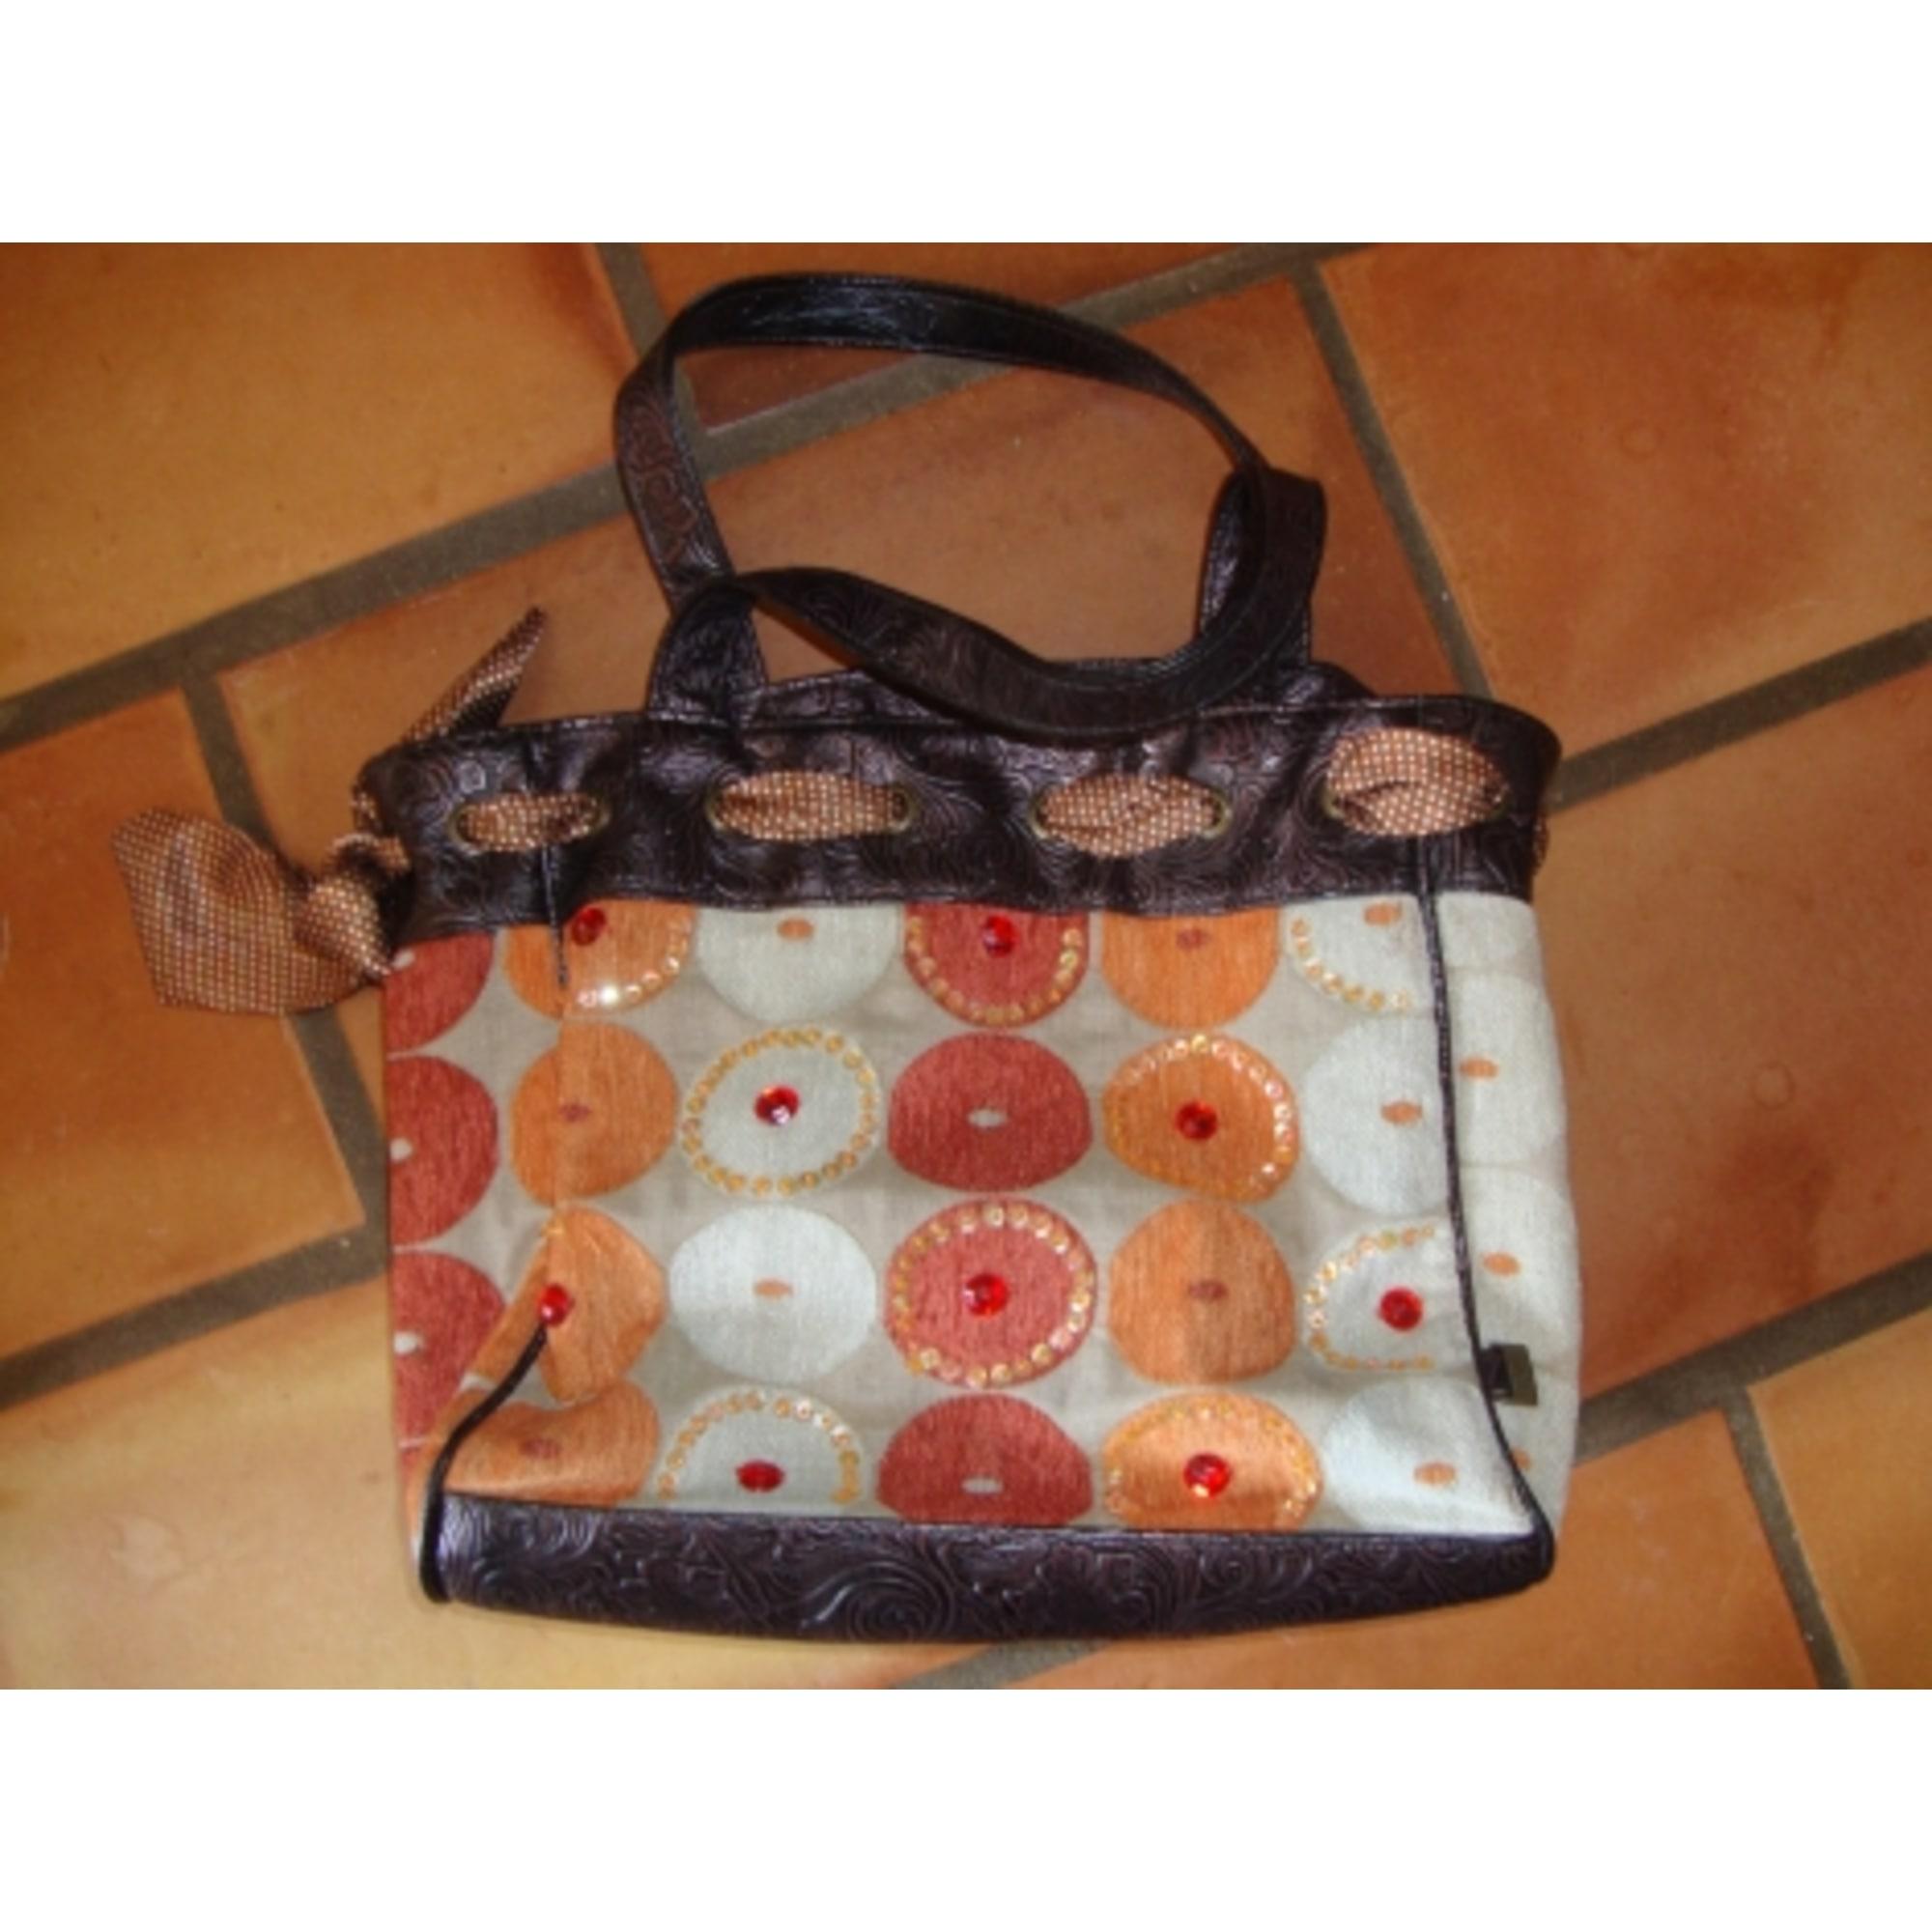 Aliçou En 2747135 Sac Lollipops Vendu Main À Par Orange Tissu 2YHIE9WD